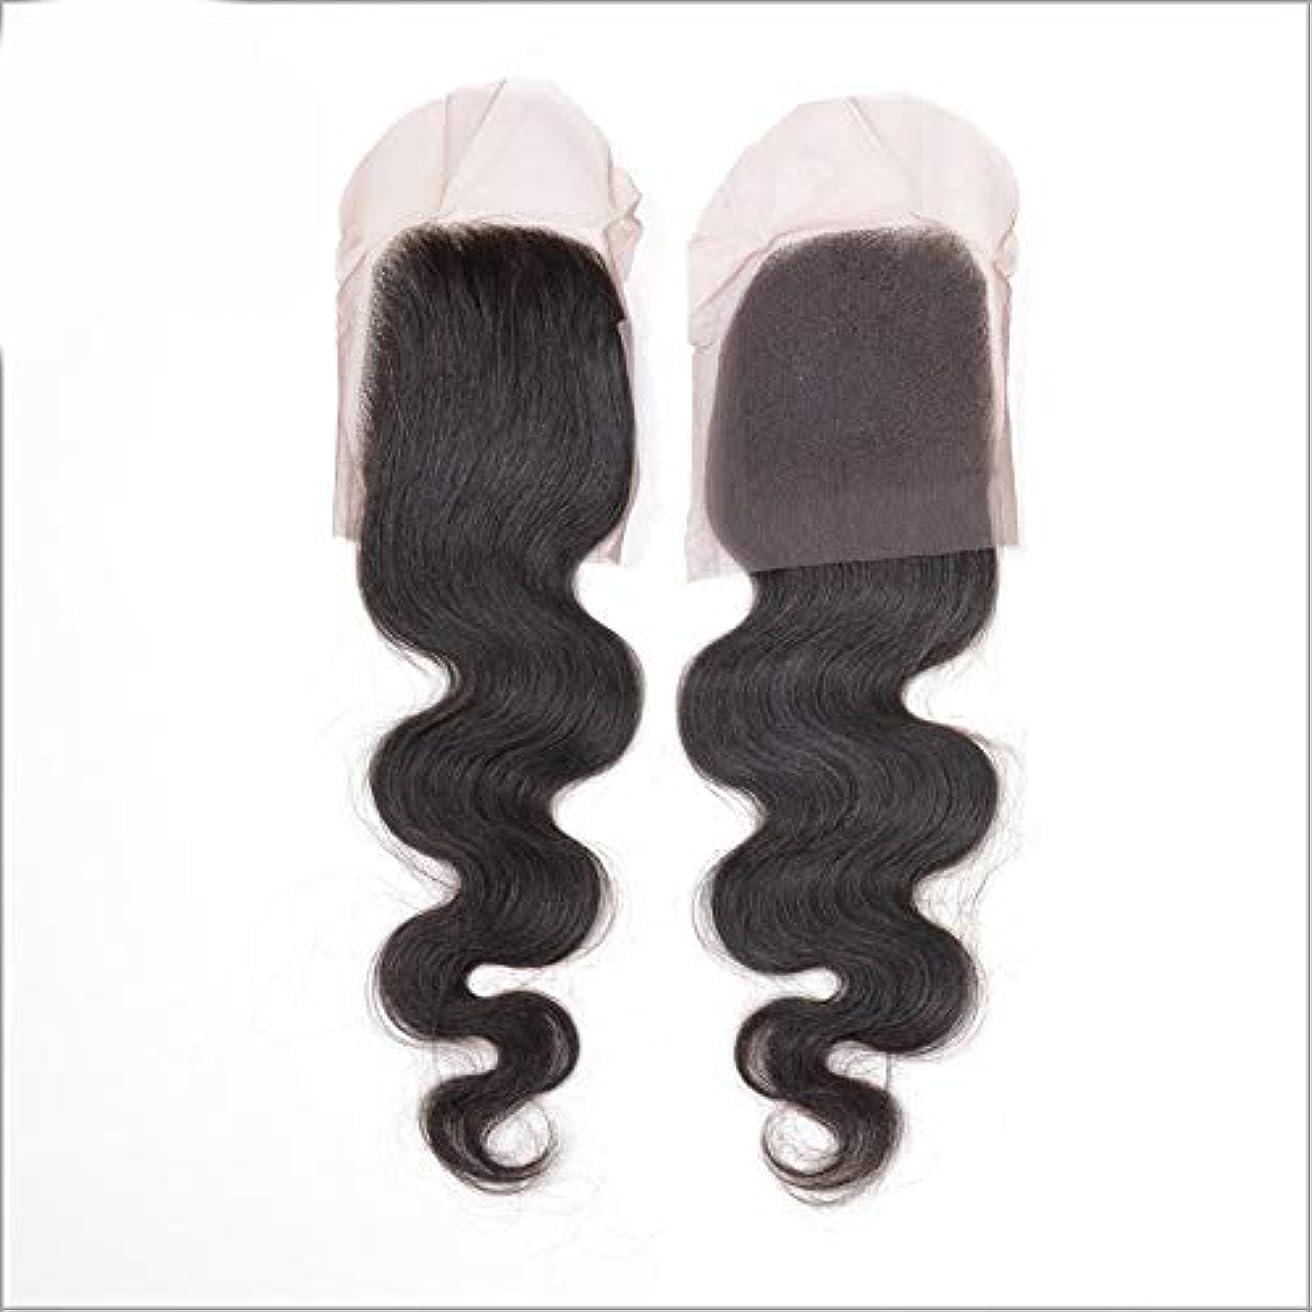 置き場必需品ポイントHOHYLLYA ブラジル髪織りバンドルで閉鎖レース前頭4×4フリーパート実体波フルレースナチュラルヘアエクステンション用女性複合ヘアレースかつらロールプレイングかつら (色 : 黒, サイズ : 10 inch)